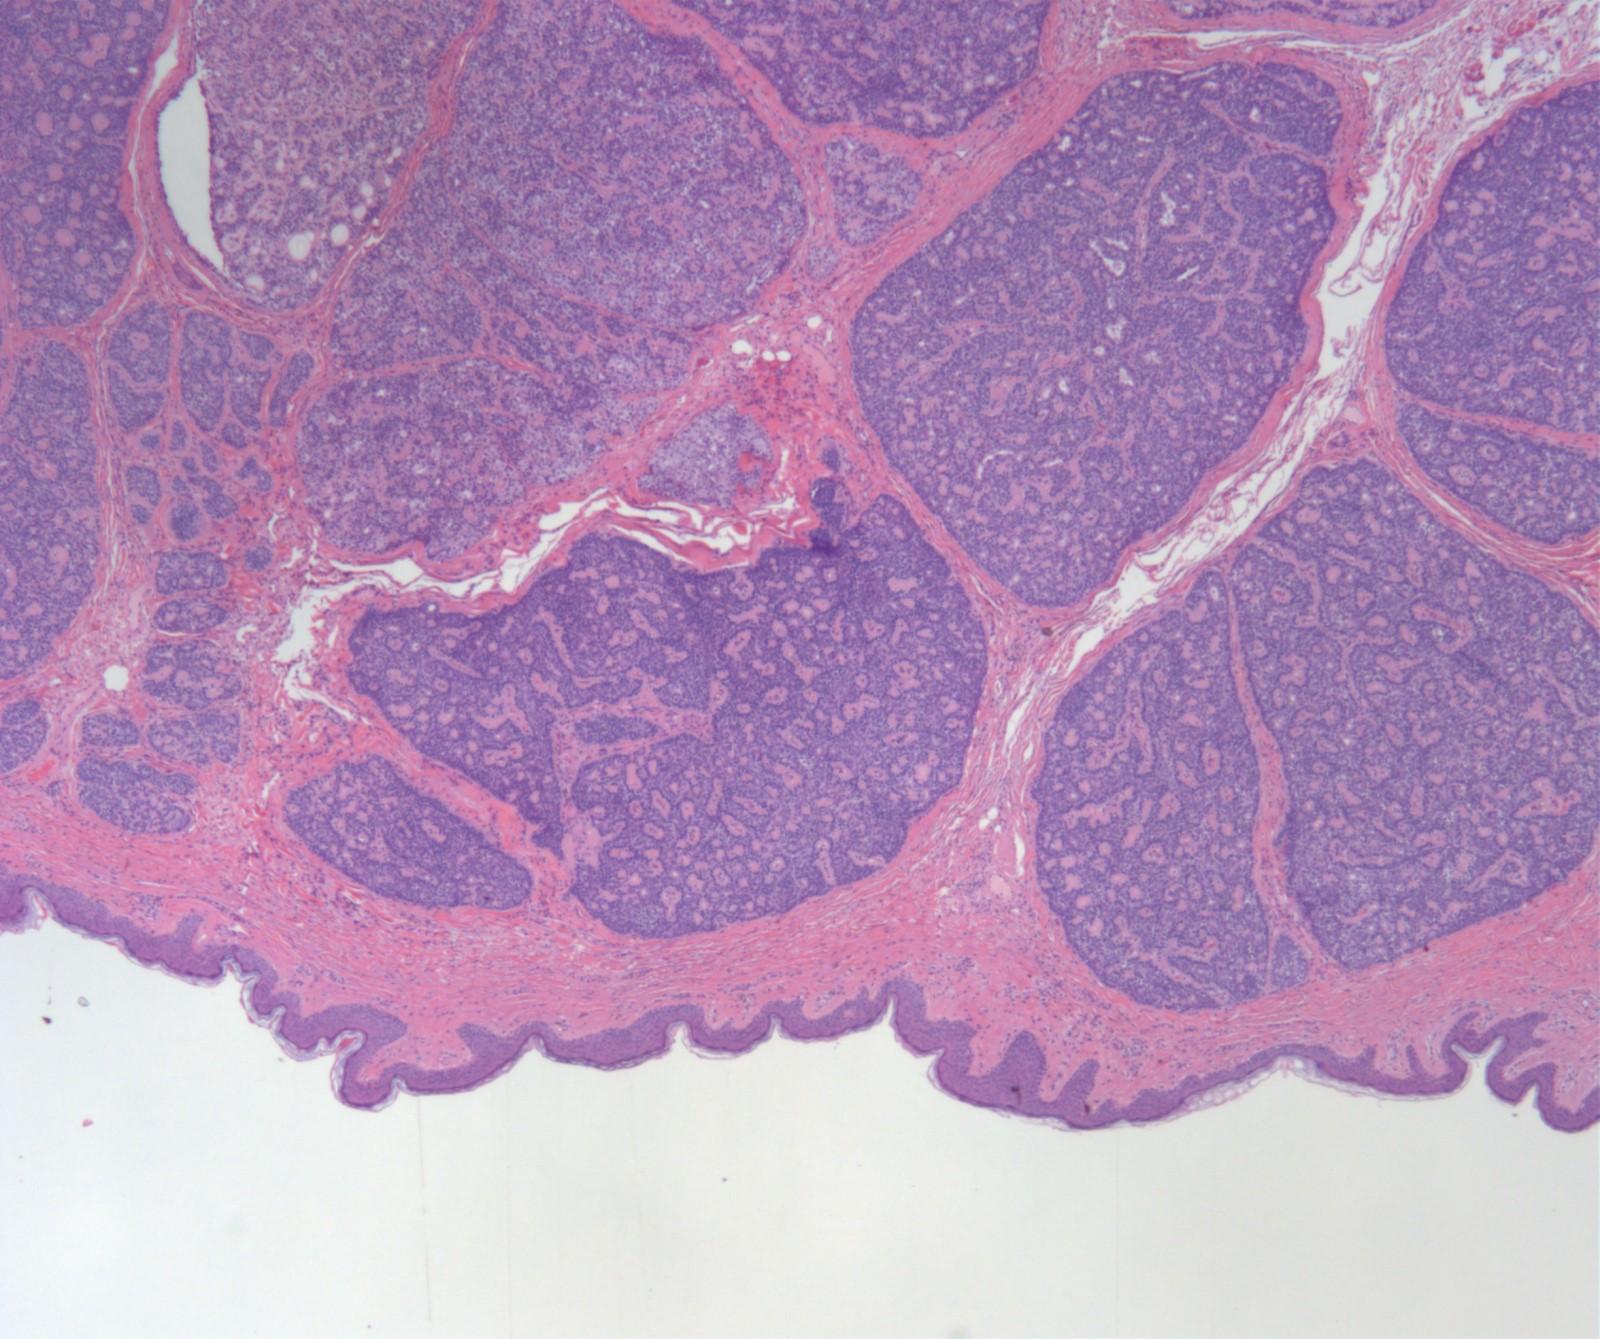 Unencapsulated tumor